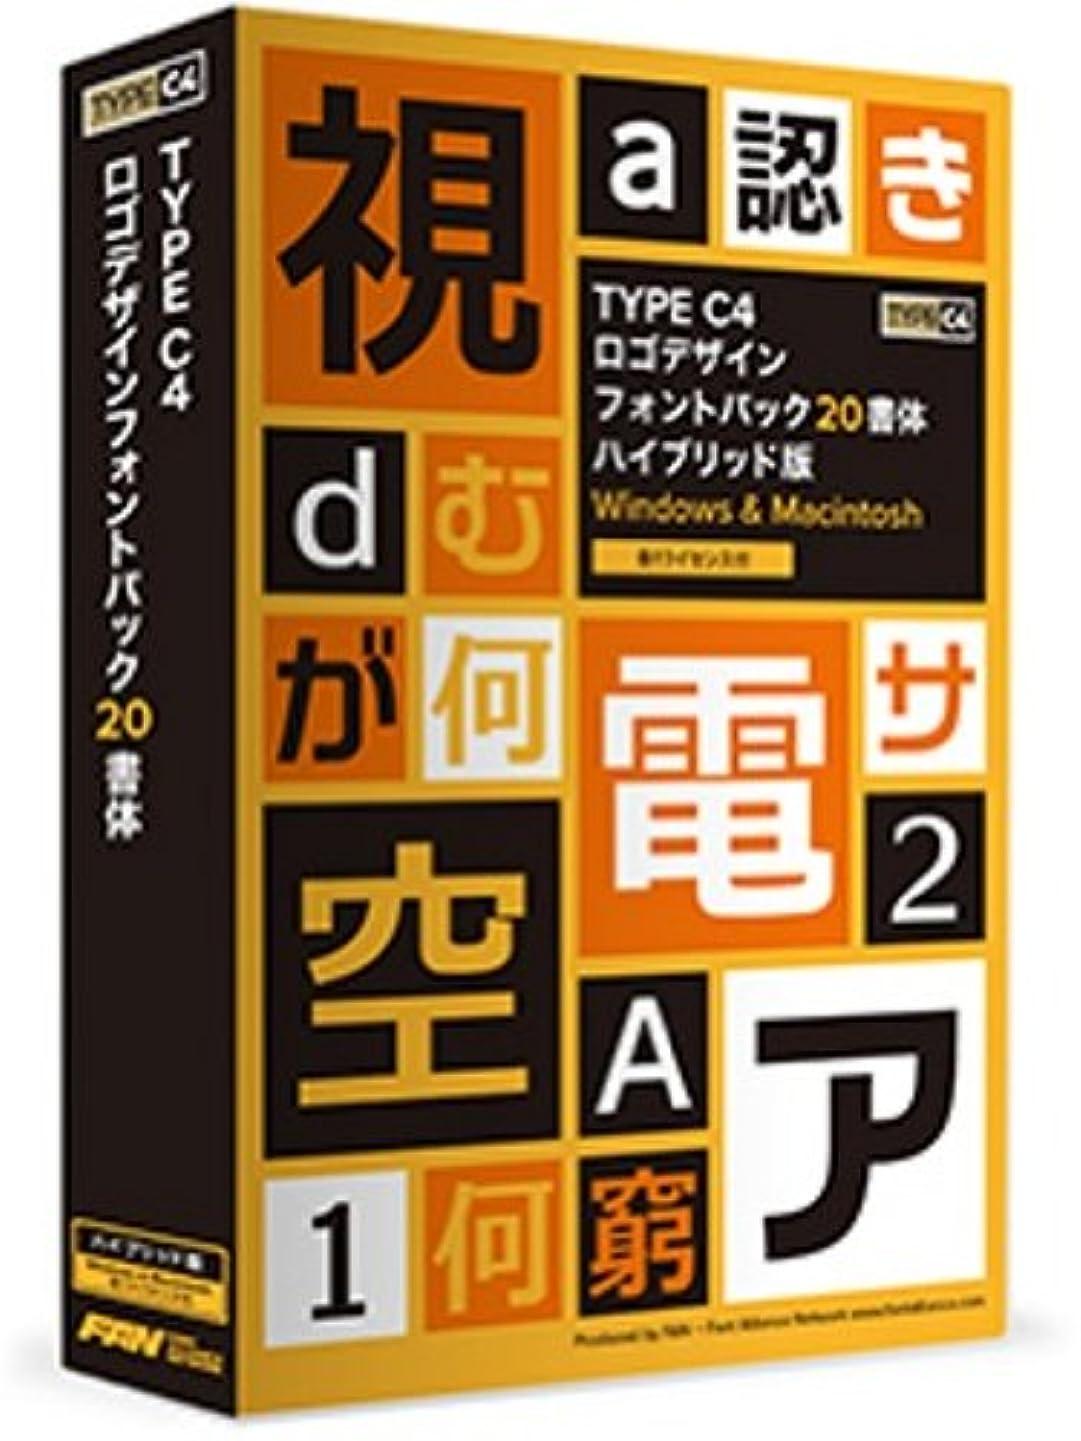 フォント?アライアンス?ネットワーク TYPE C4 ロゴデザインフォントパック 20書体 ハイブリッド版